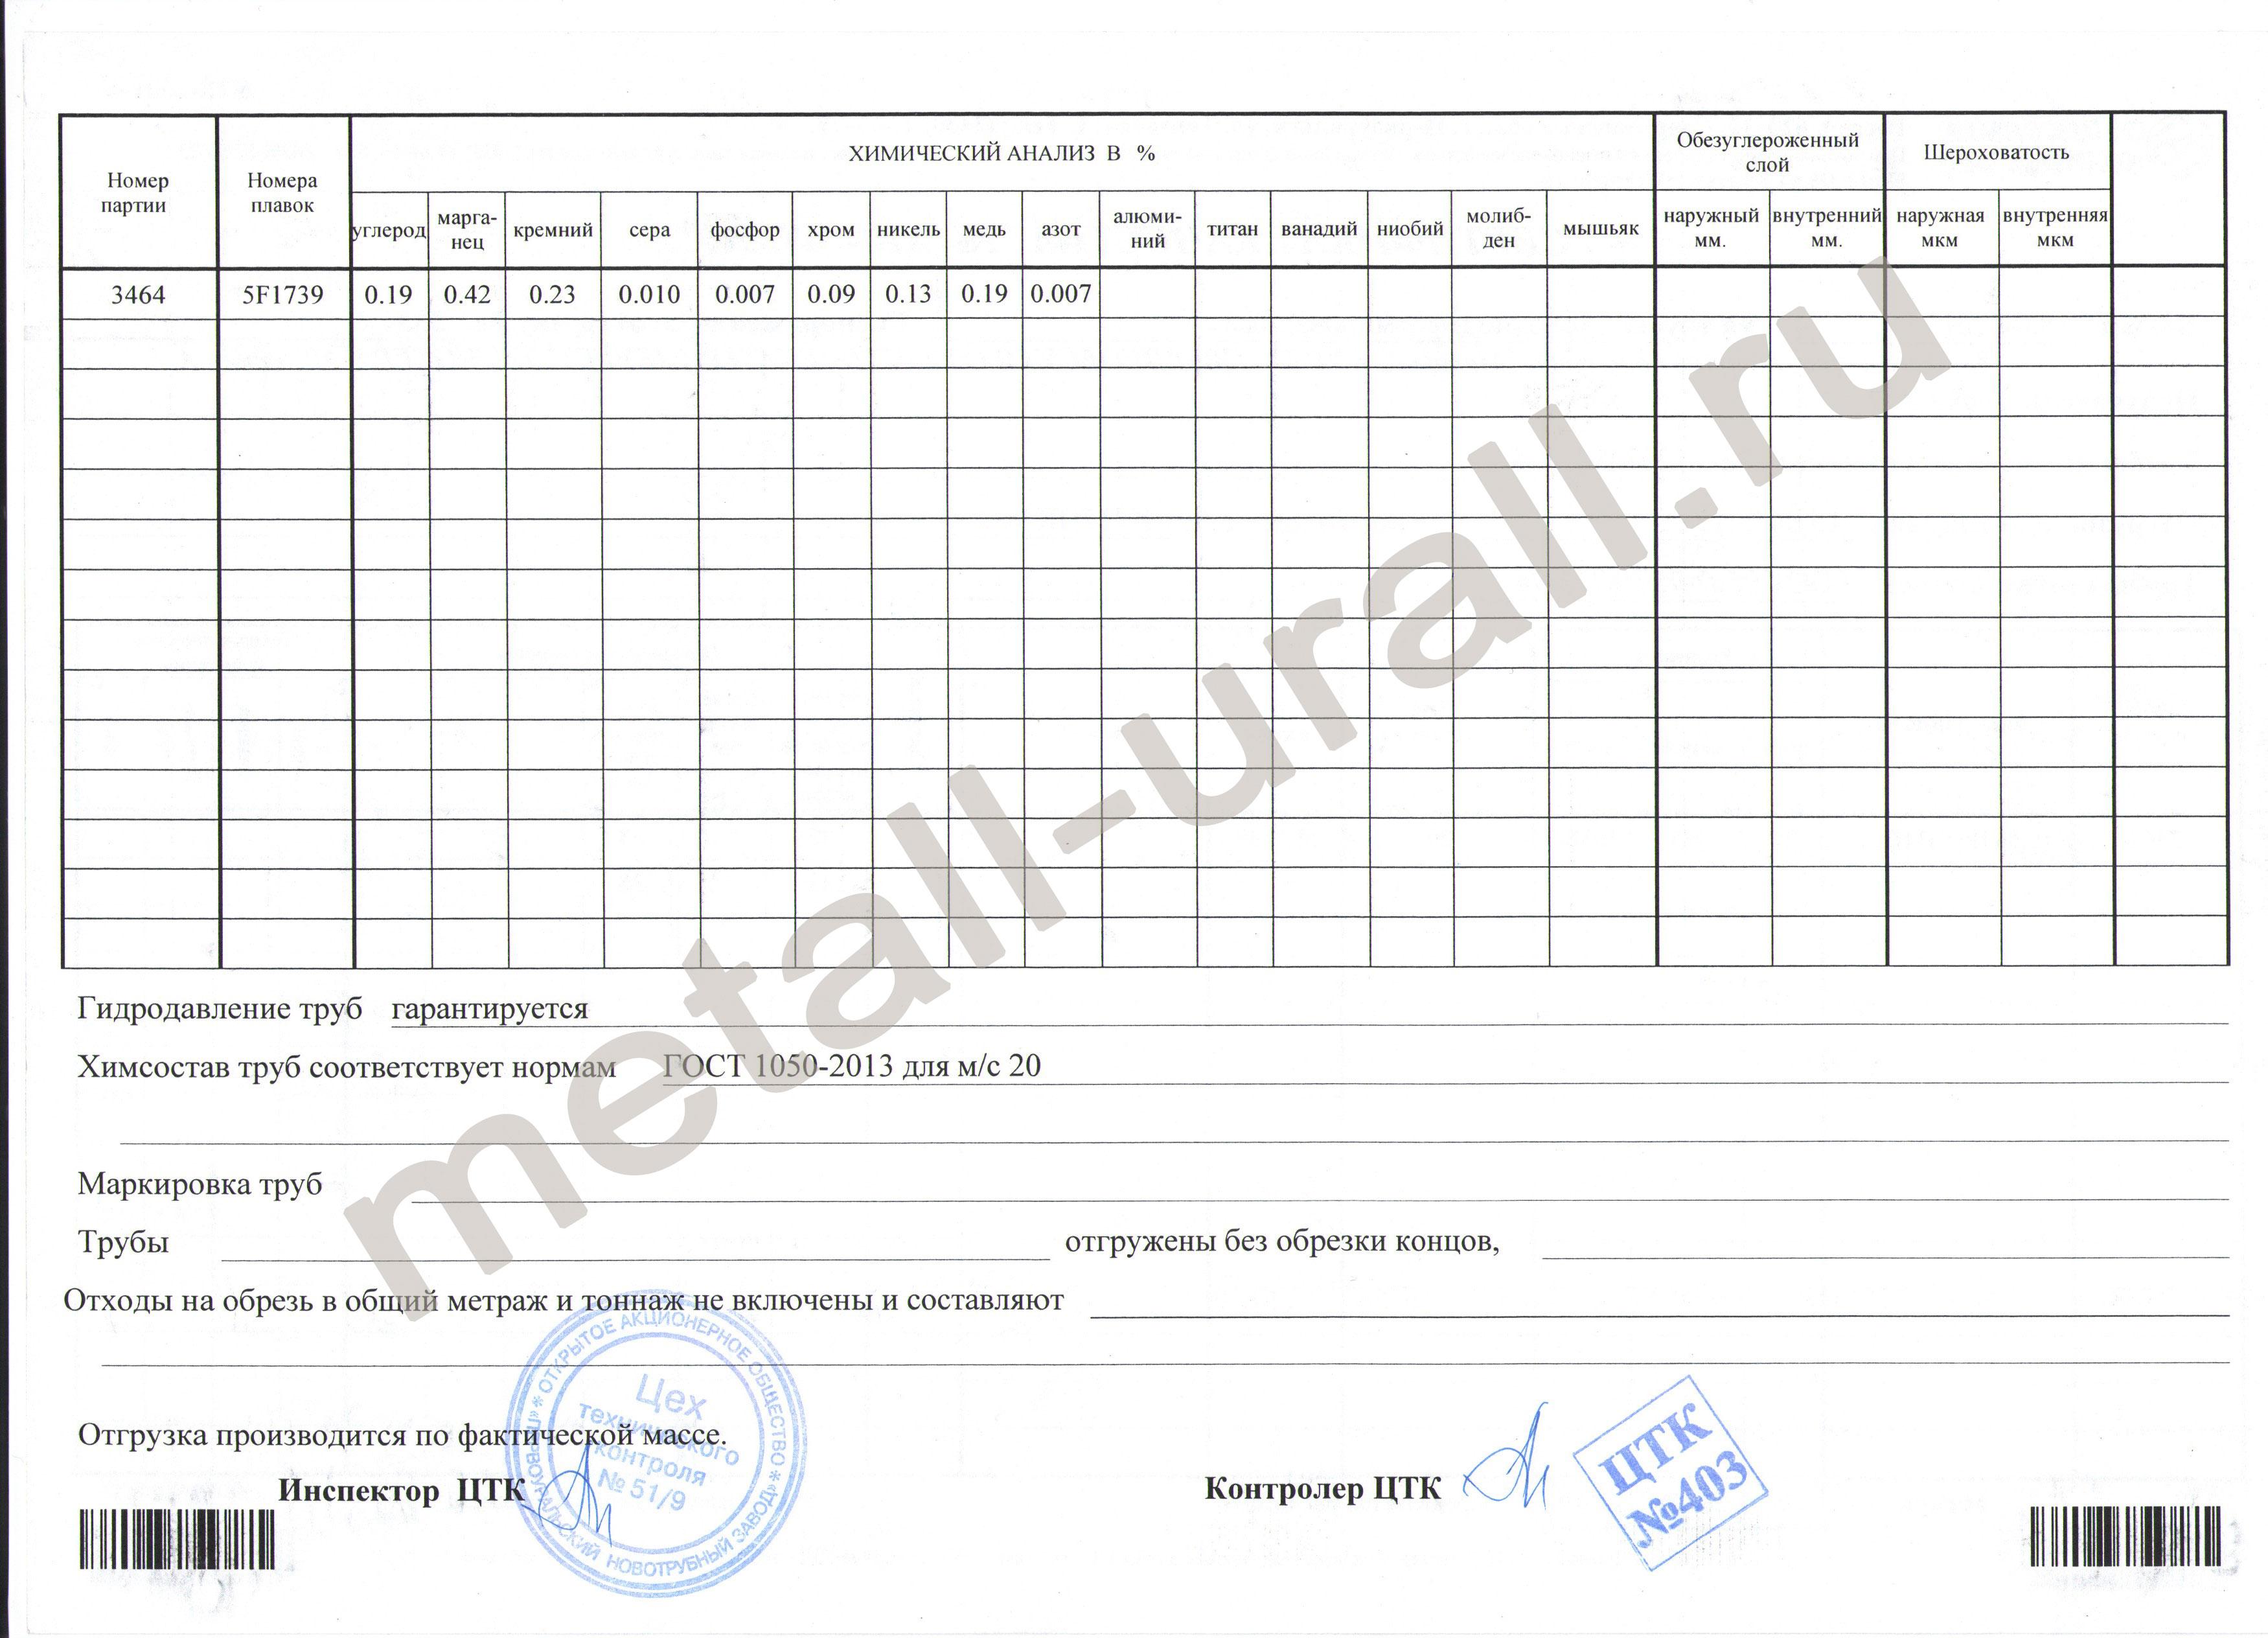 Диаграмма сертификация труб из полиэтилена эффективность процесса продаж по гост р исо 9001-2001